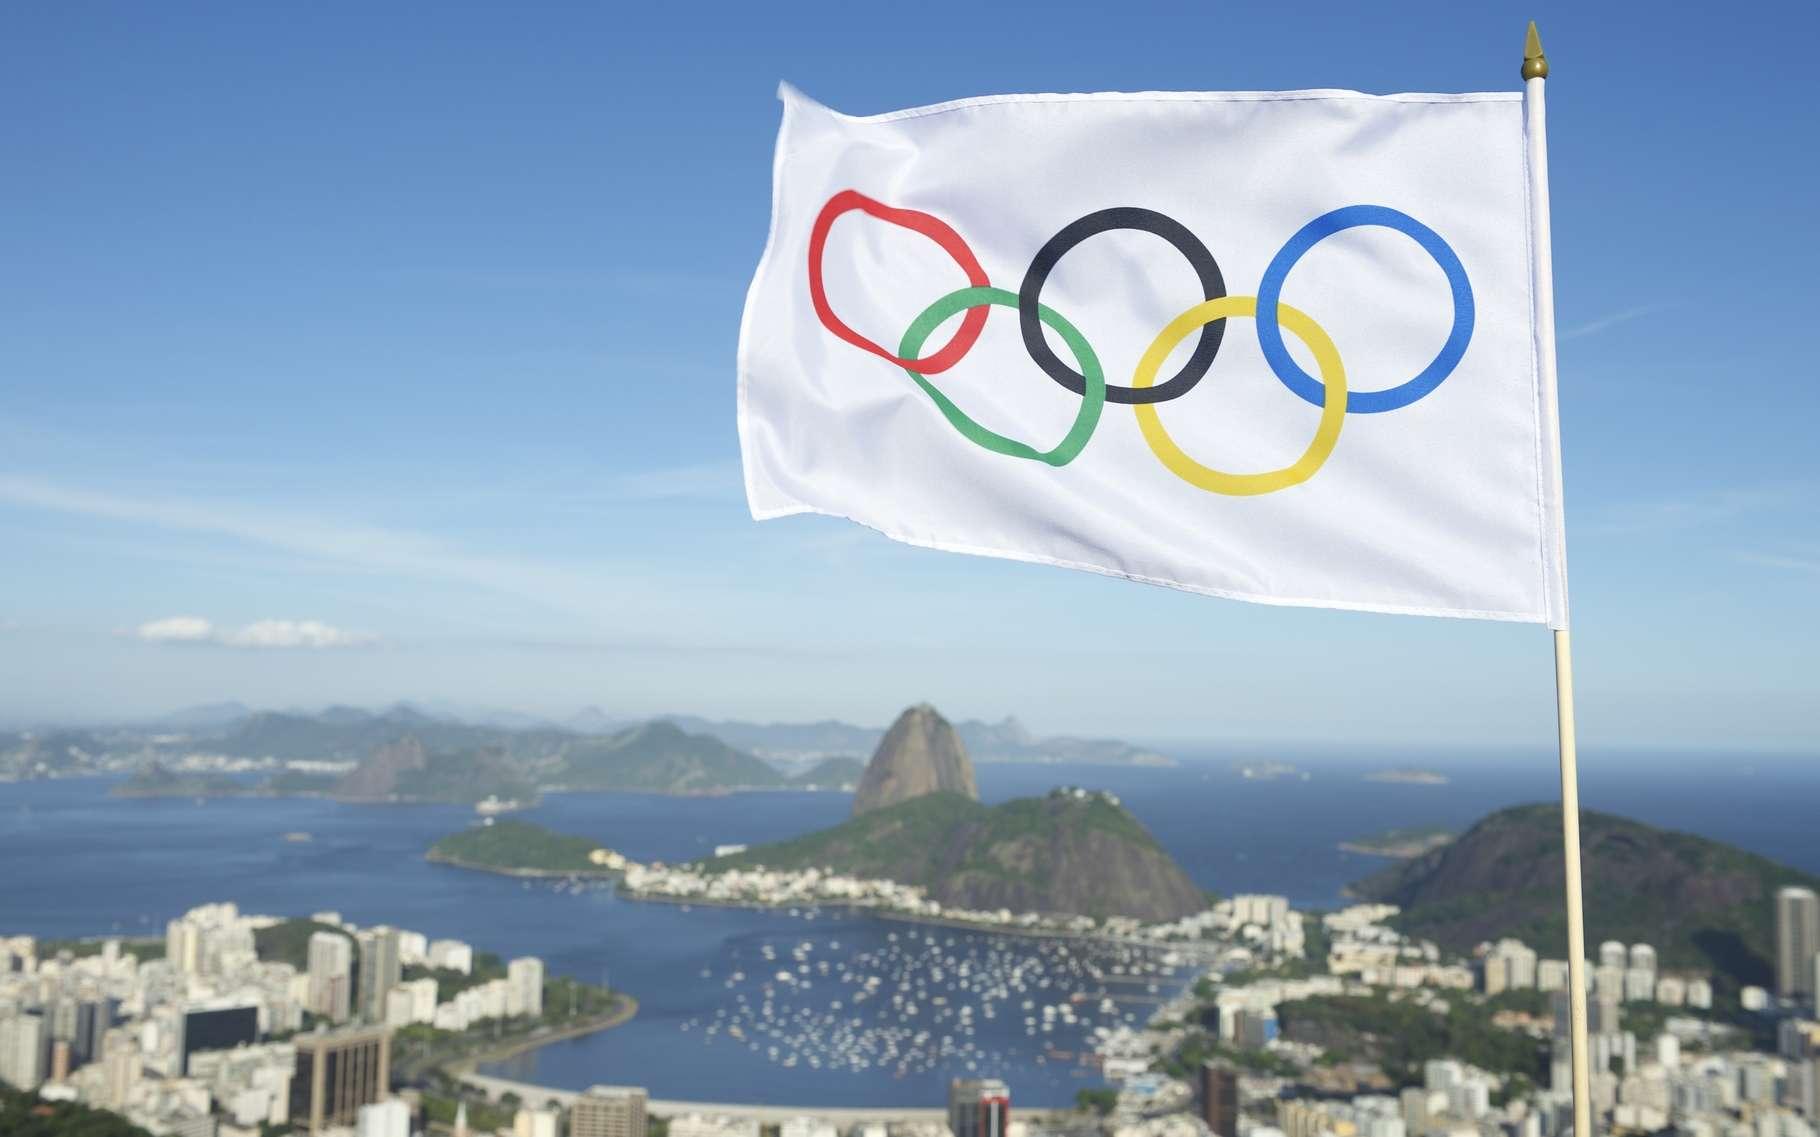 Google espère bien profiter de l'effet des Jeux olympiques de Rio pour mettre en avant ses services en ligne et applications mobiles et rafler au passage une grosse part des revenus publicitaires numériques générés par cet évènement planétaire. © Lazyllama, Shutterstock